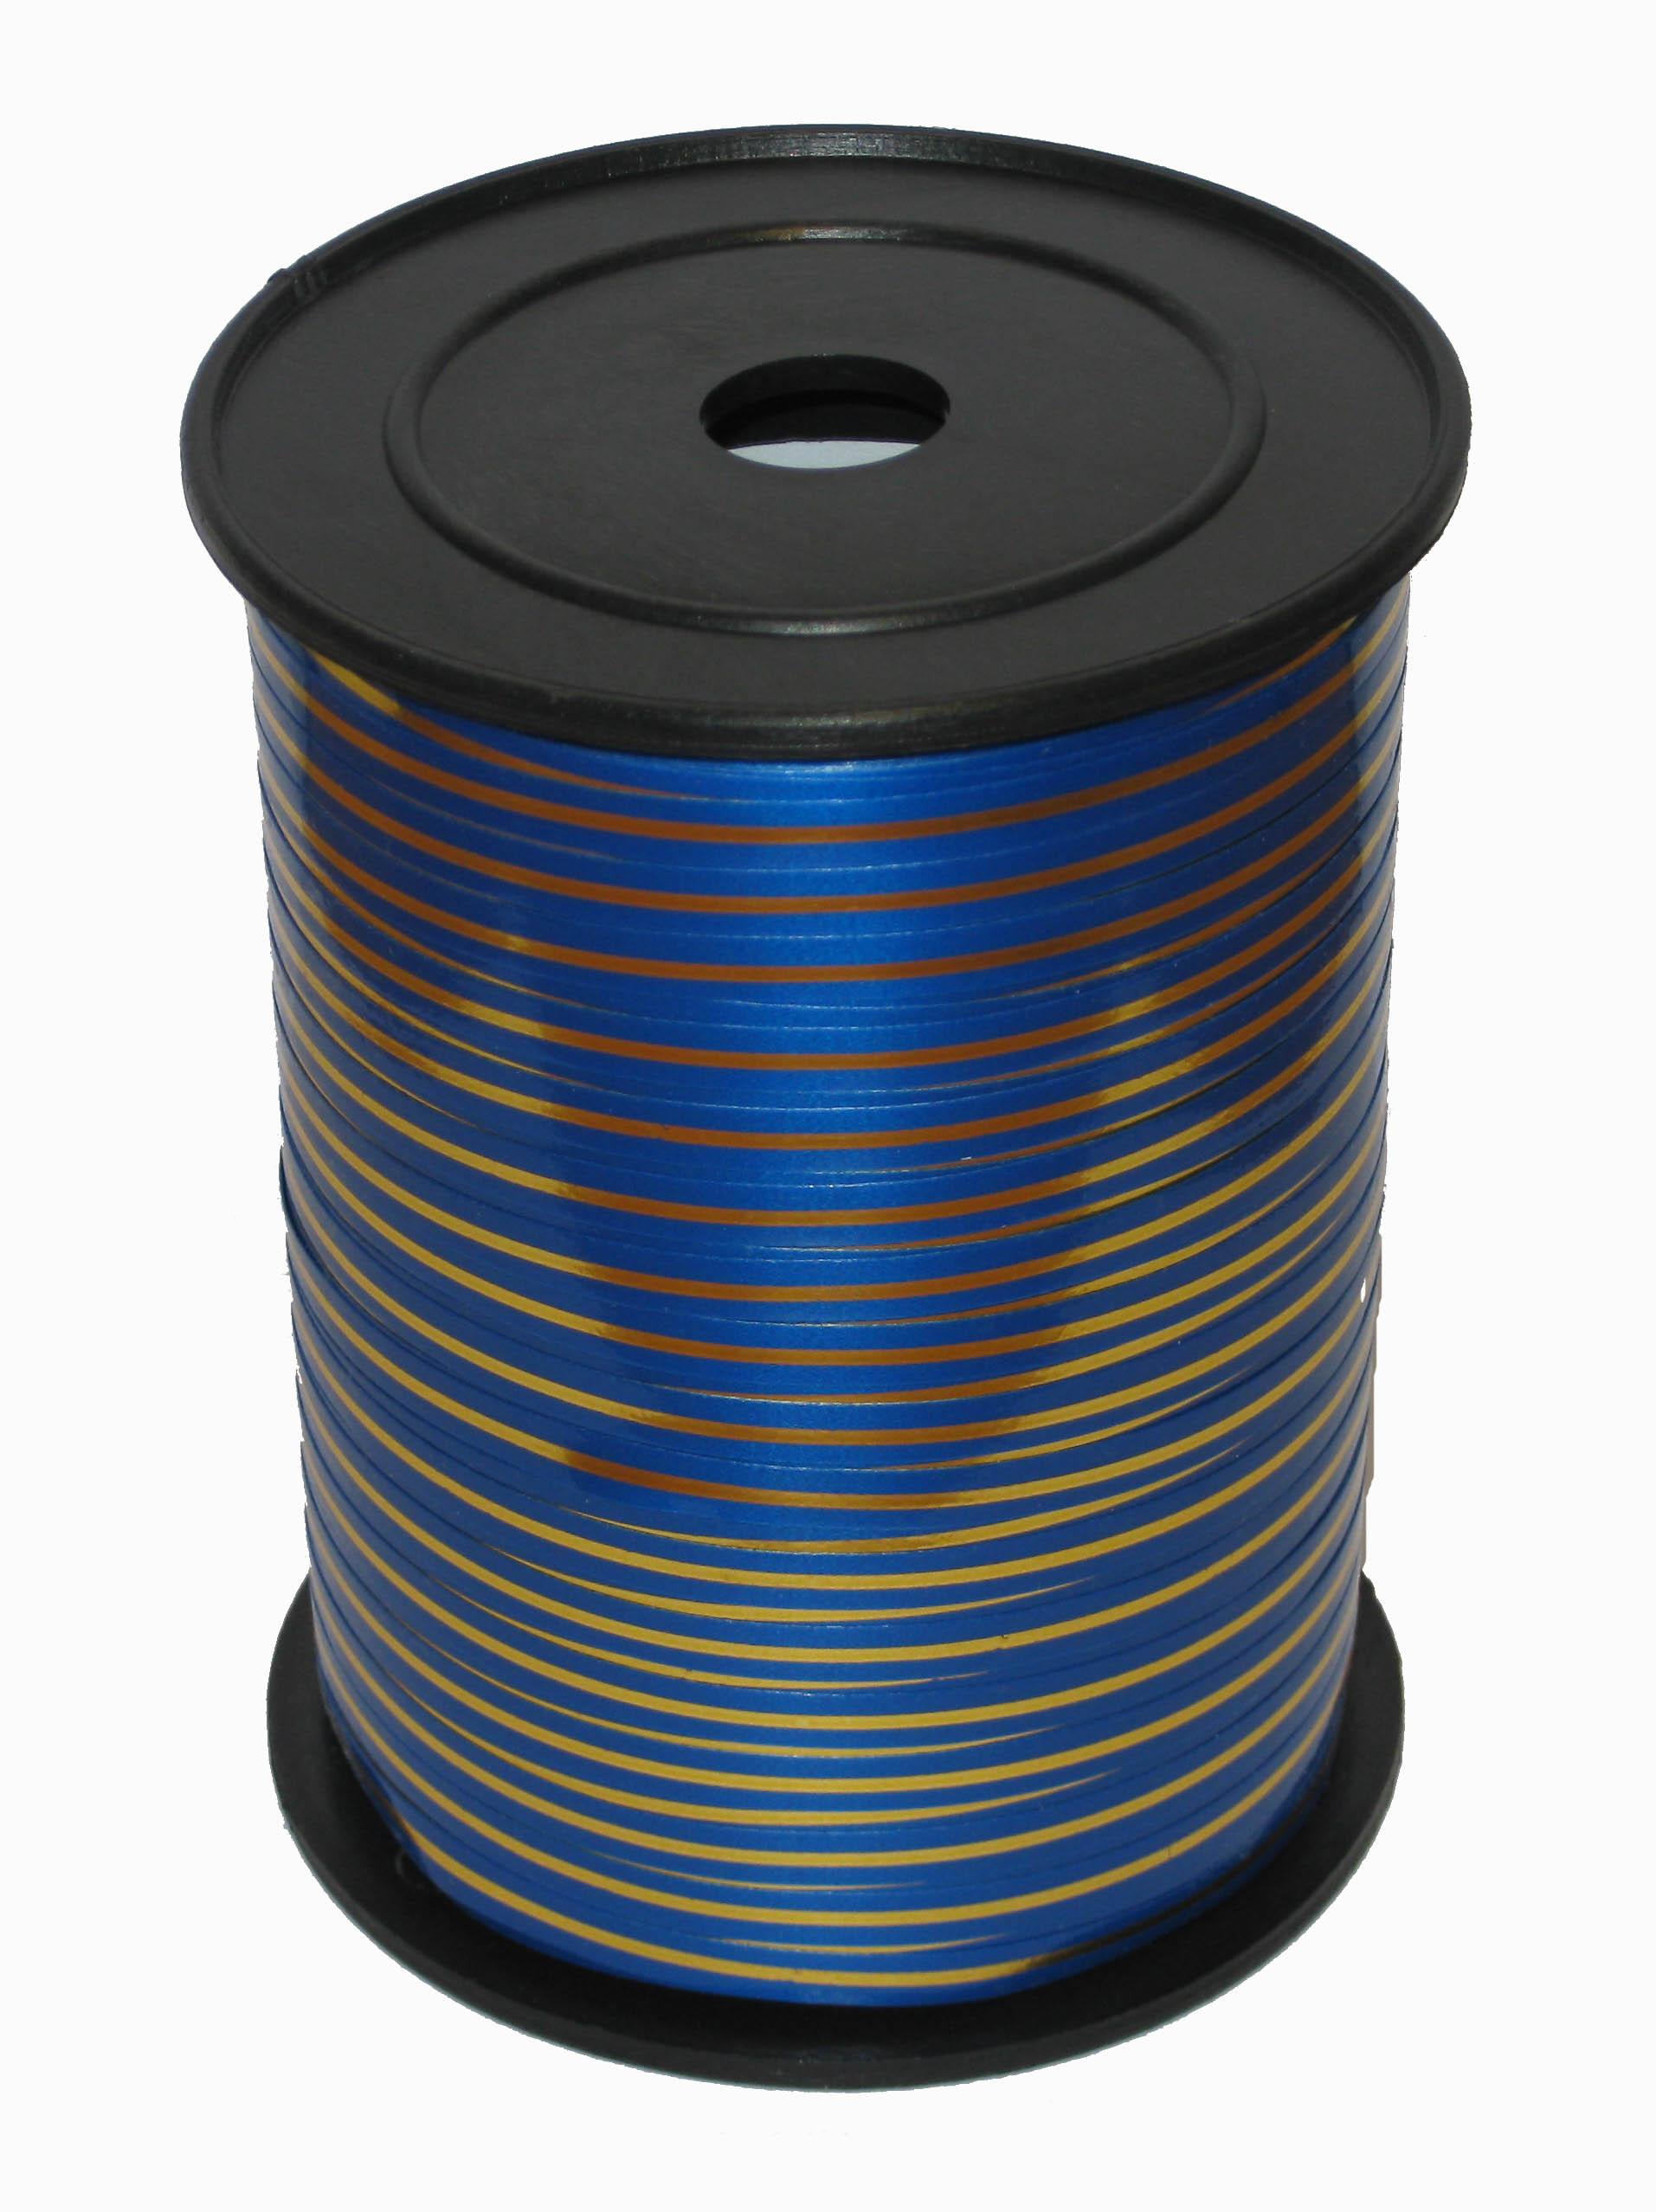 Лента с Золотой полоской Синяя, бобина 0,5 см / 250 м, Россия